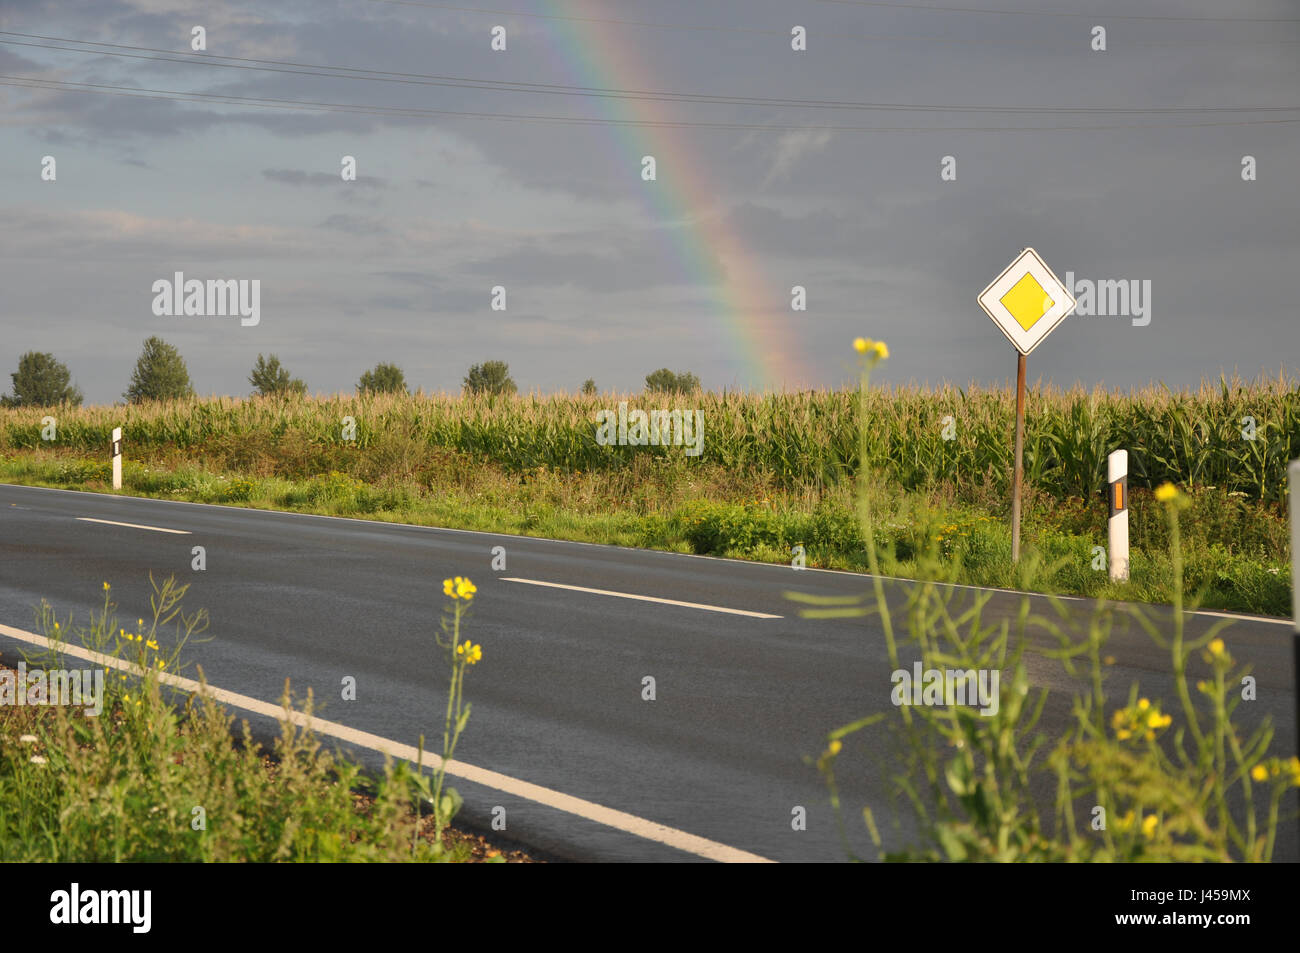 Regenbogen über einer Landstrasse in Niedersachen, in der Nähe von Nienburg. - Stock Image